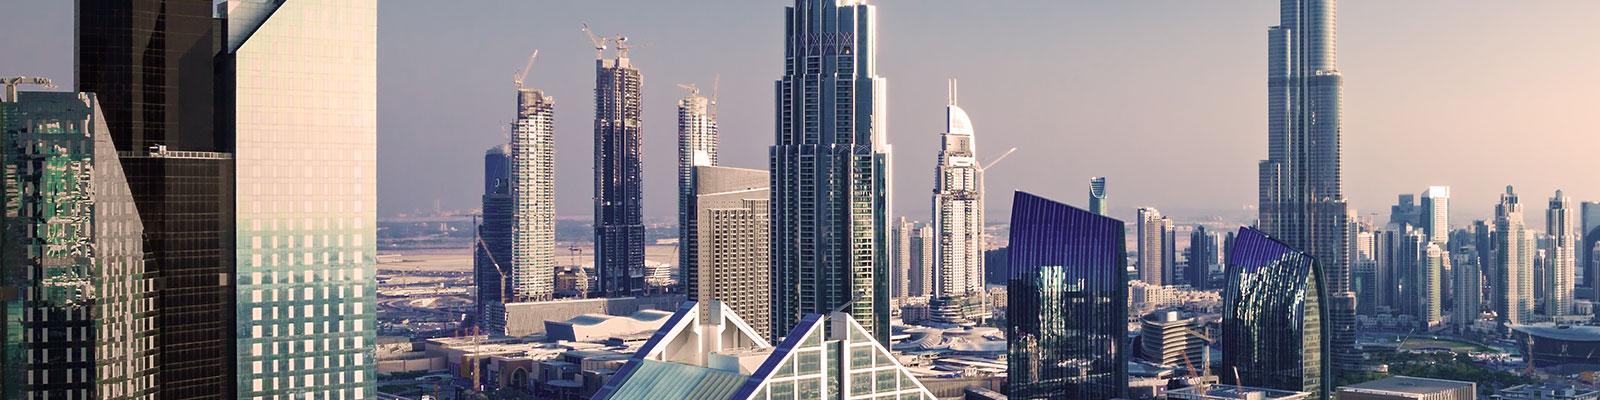 Cityscape with skyscrapers, Dubai, United Arab Emirates